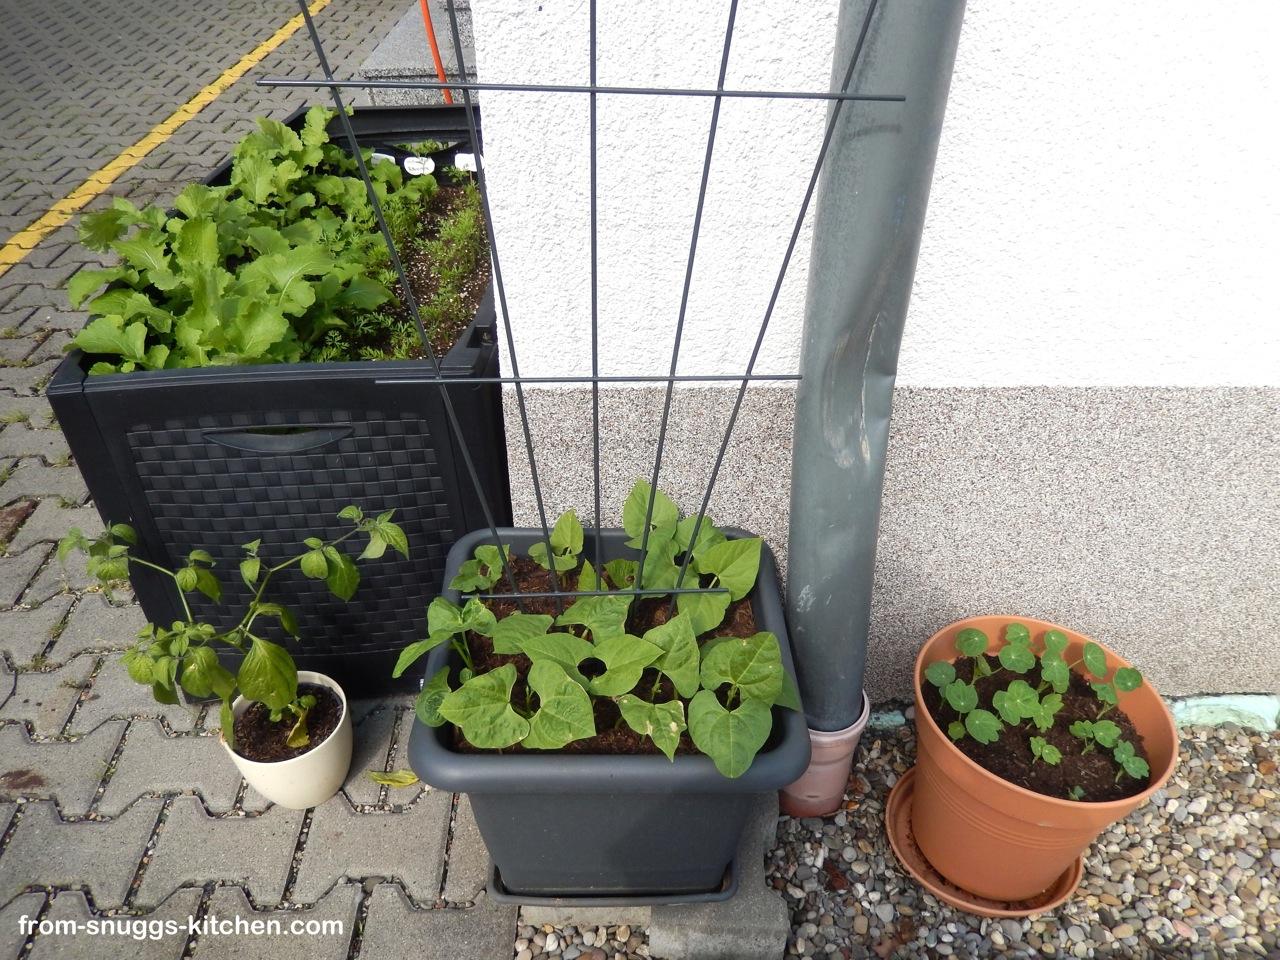 Balkon Garten Die Erste 2014 From Snuggs Kitchen